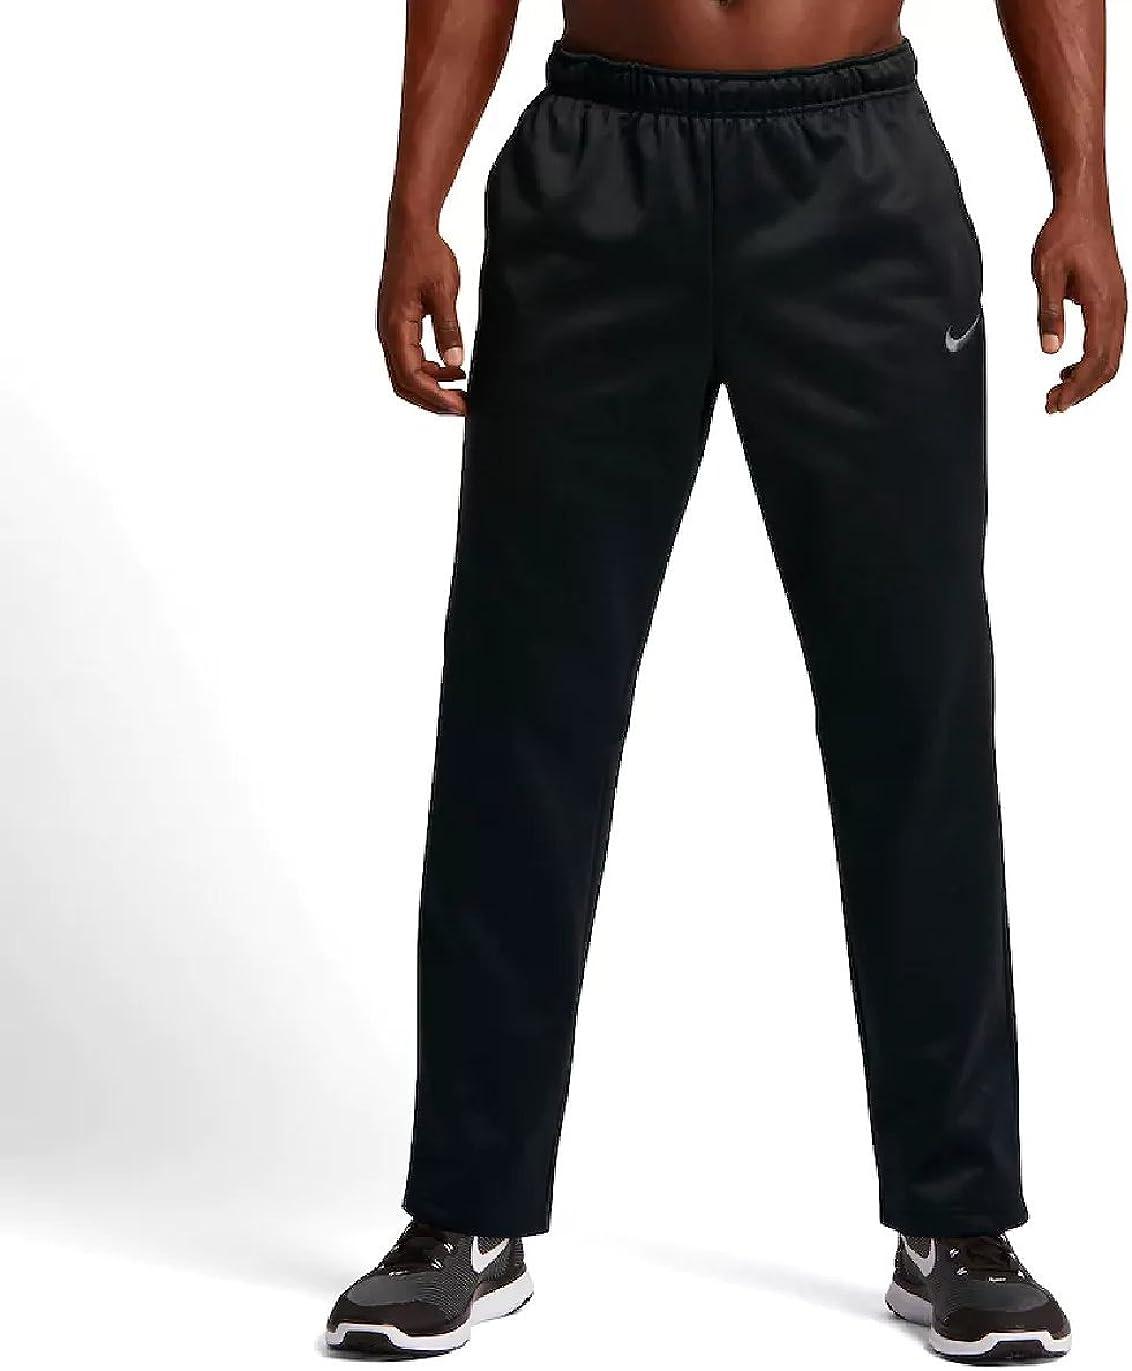 Nike Men's Therma Fleece Training Pants